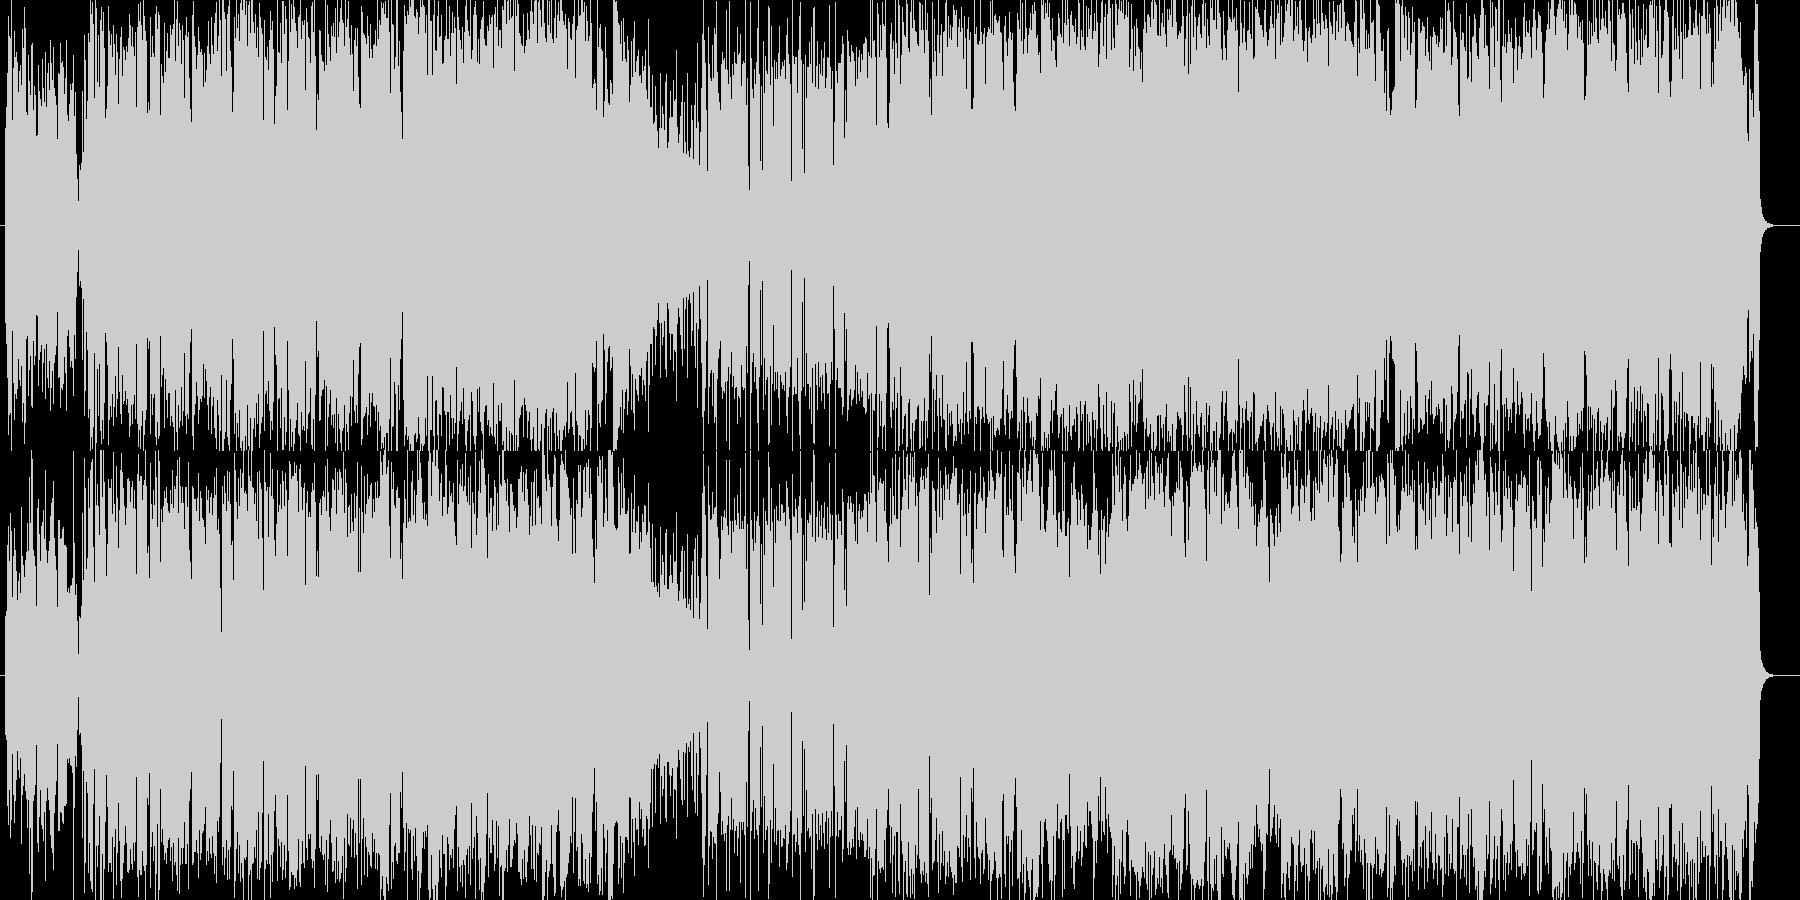 アップテンポのシンセハウスの未再生の波形